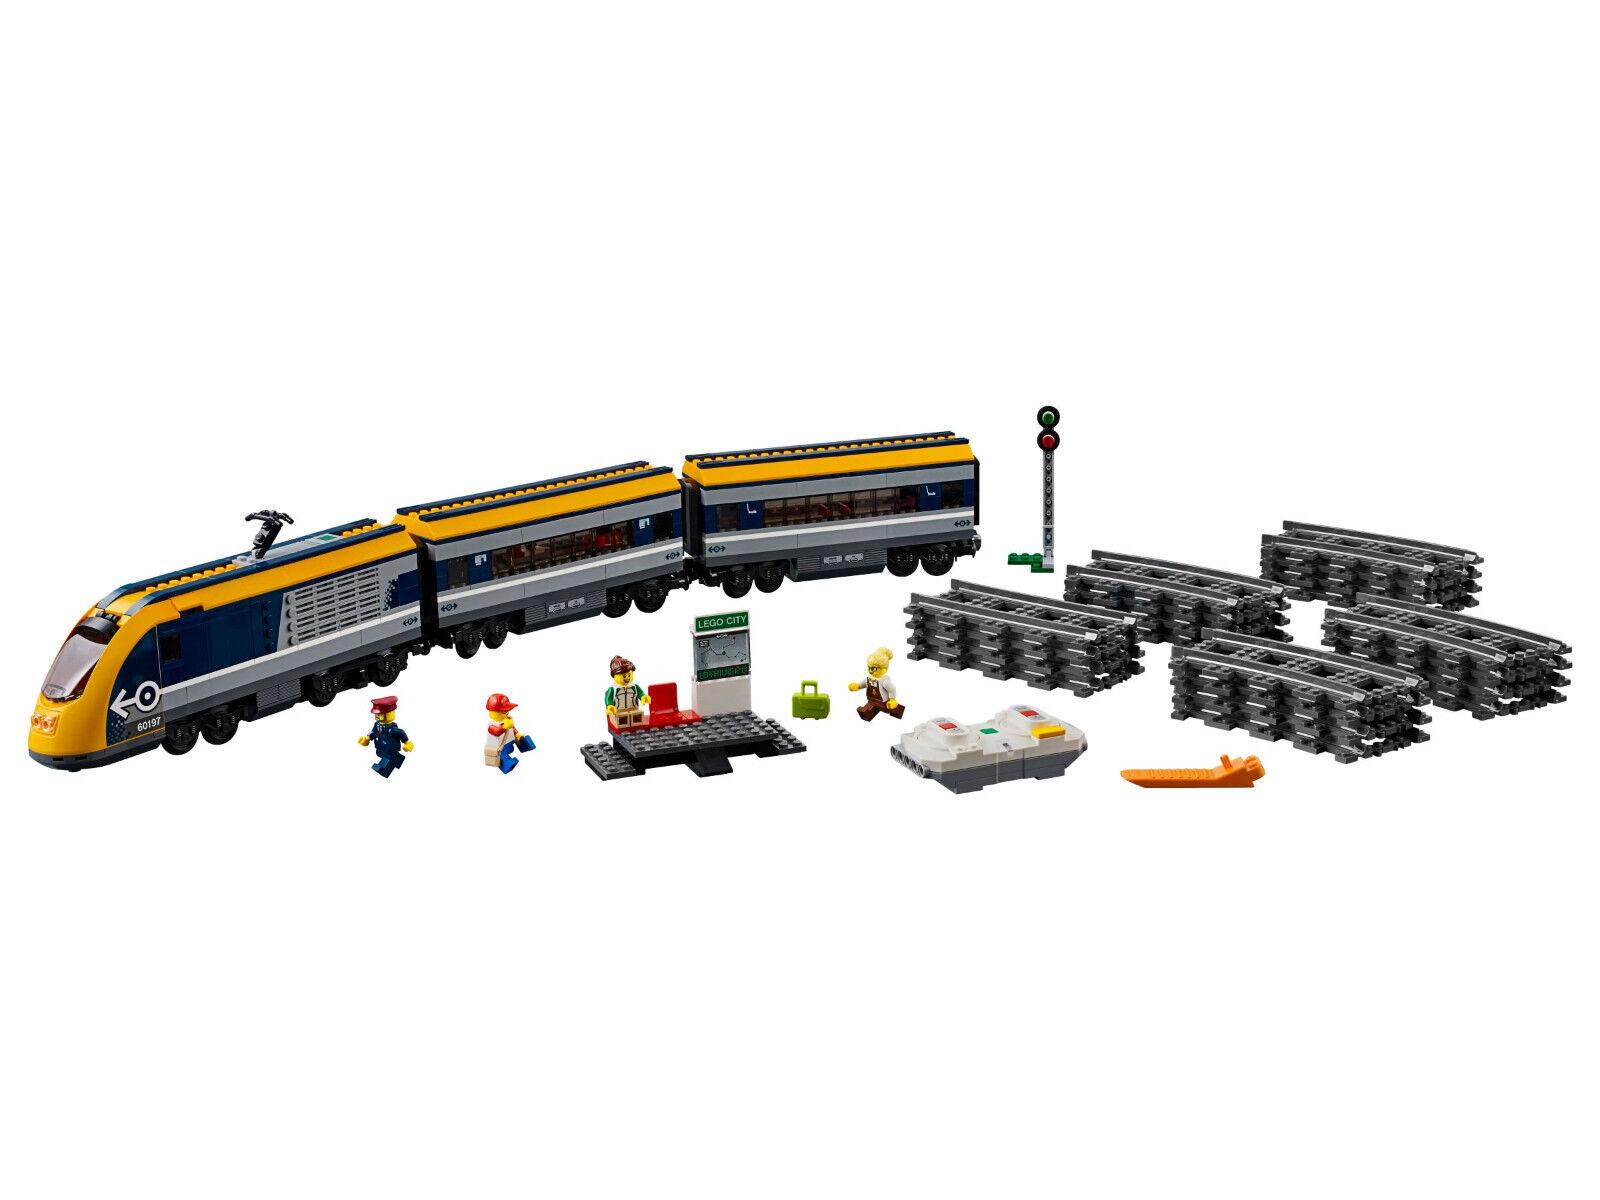 Neu LEGO LEGO LEGO 60197 City  Personenzug NEU OVP BLITZVERSAND 00407d